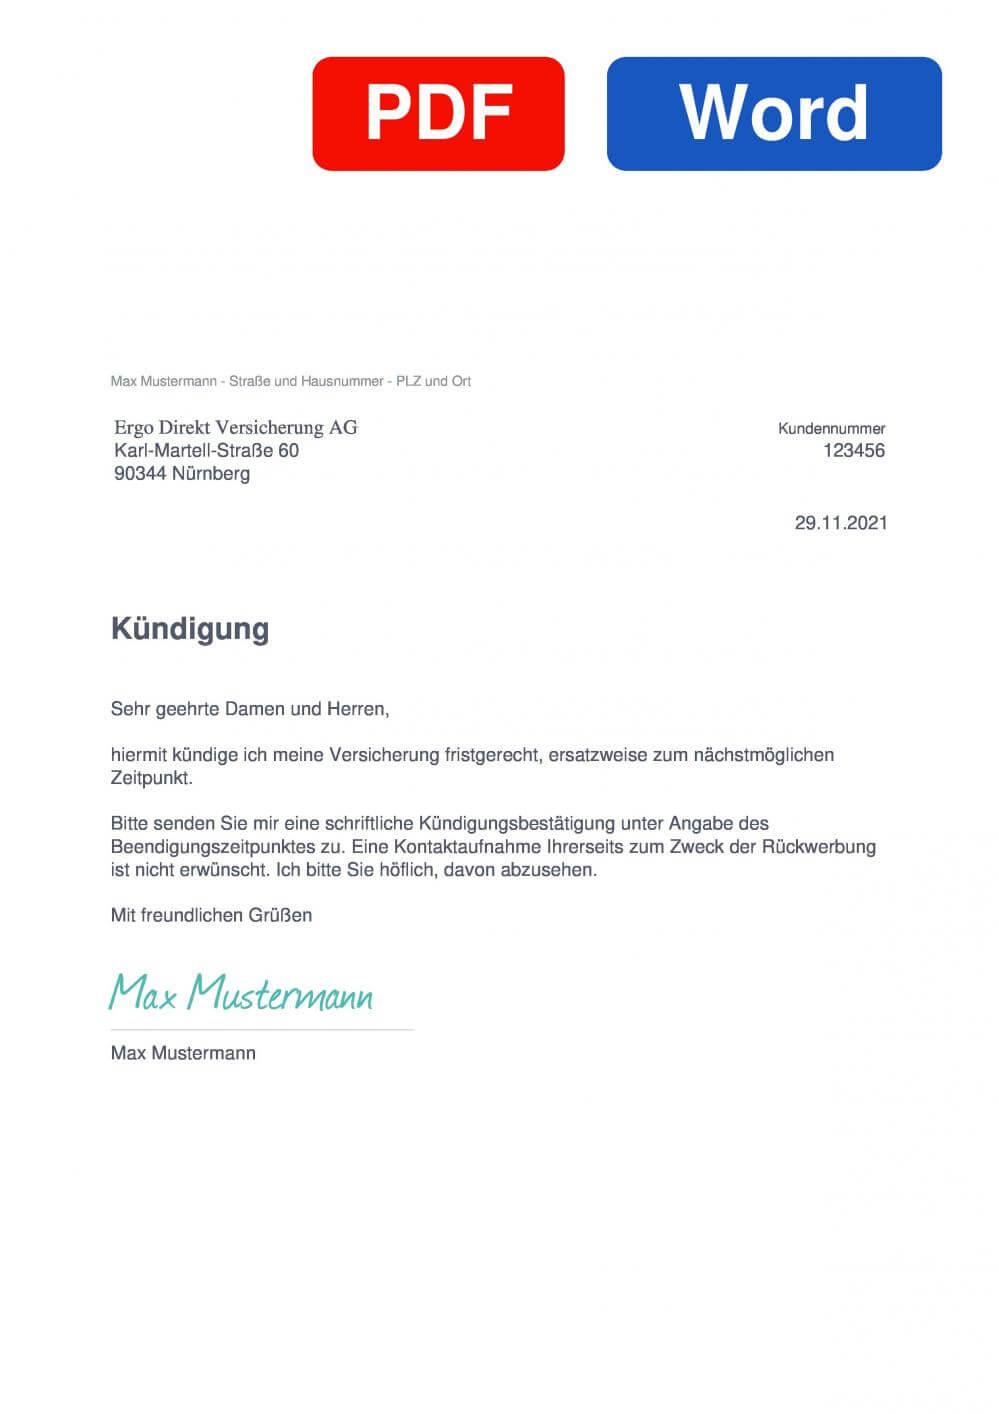 KarstadtQuelle Versicherung Muster Vorlage für Kündigungsschreiben